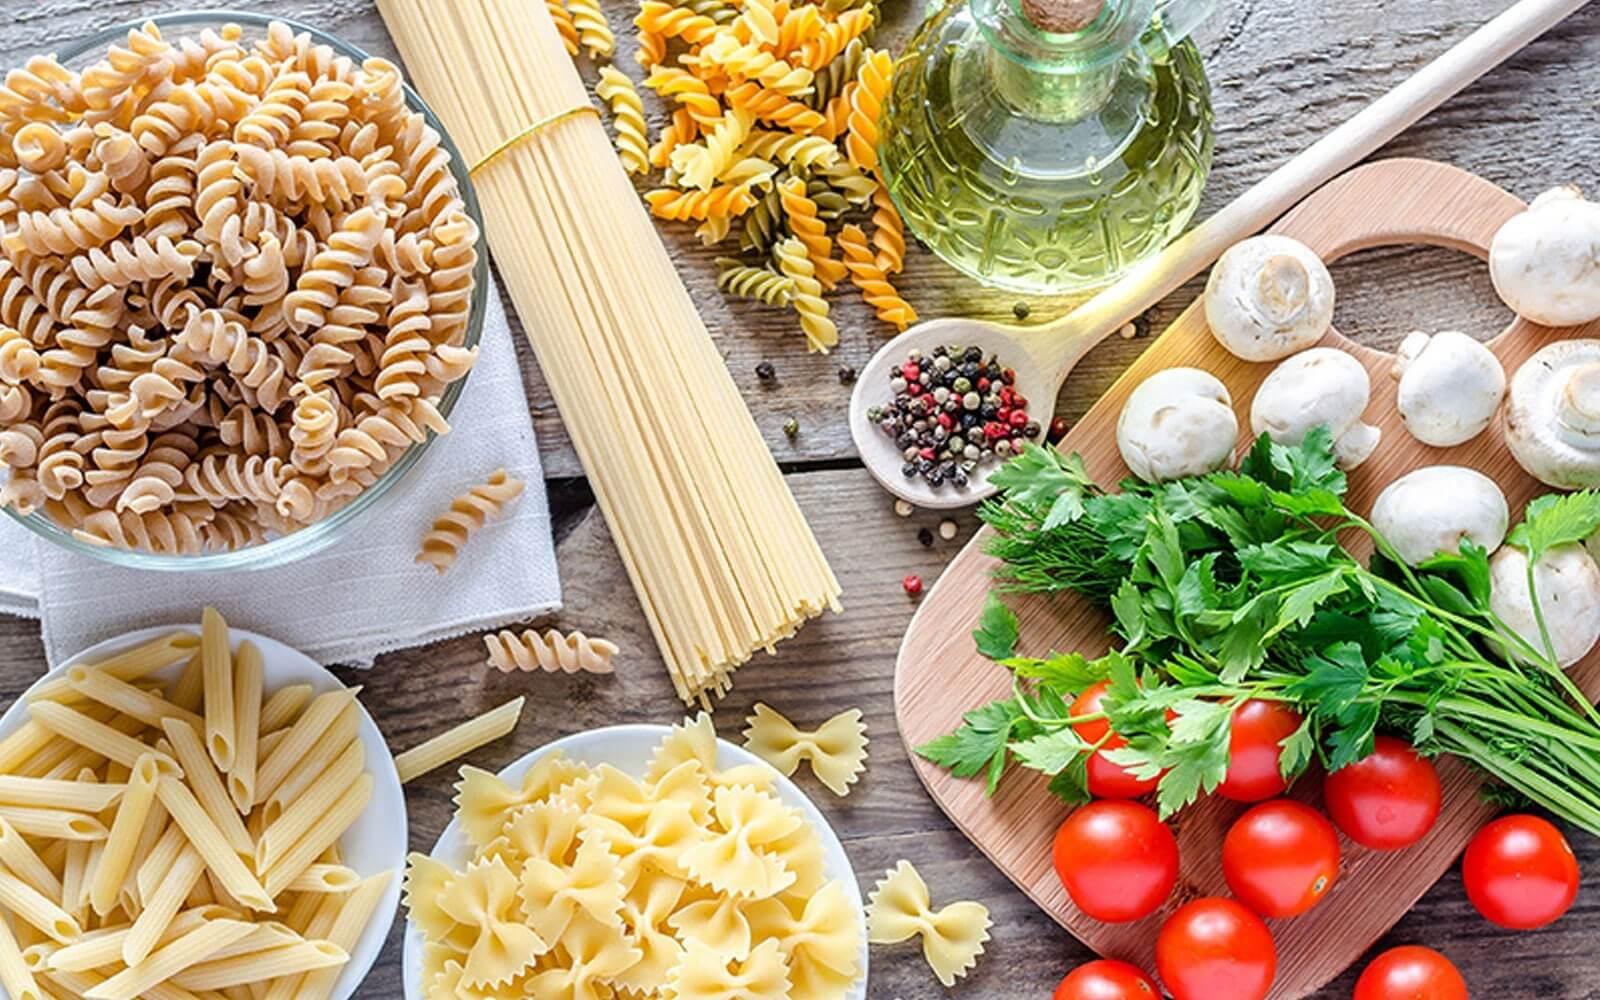 Apa dan Berapa Porsi Makan yang Sesuai untuk Diabetesi